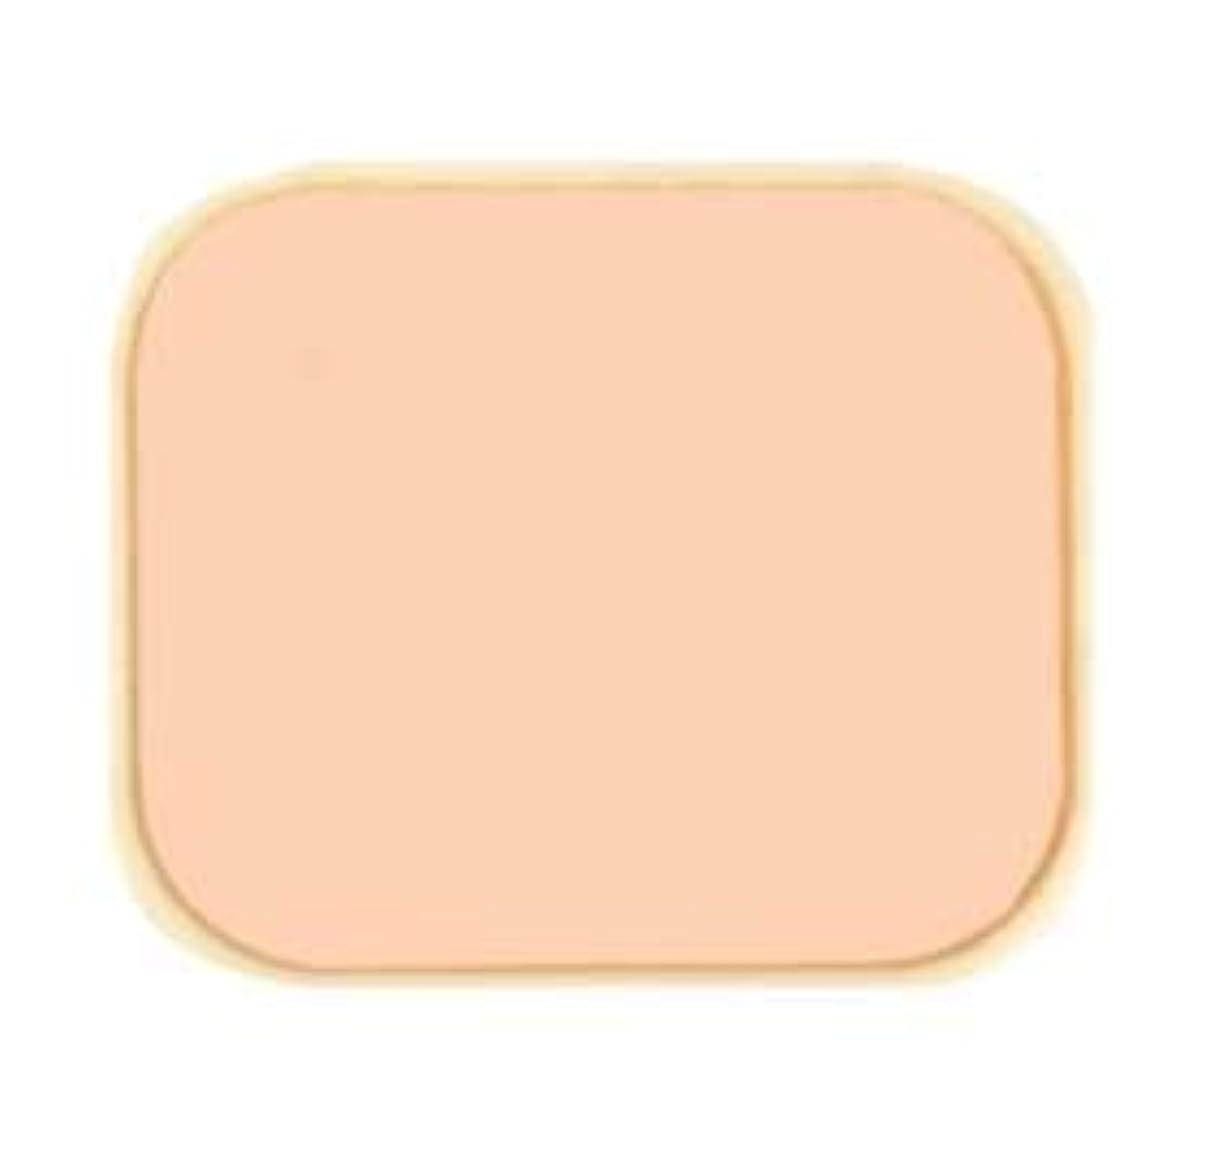 好色な節約エレガントアクセーヌ ソフトタッチパウダー リフィル (P10) (SPF8 PA++)